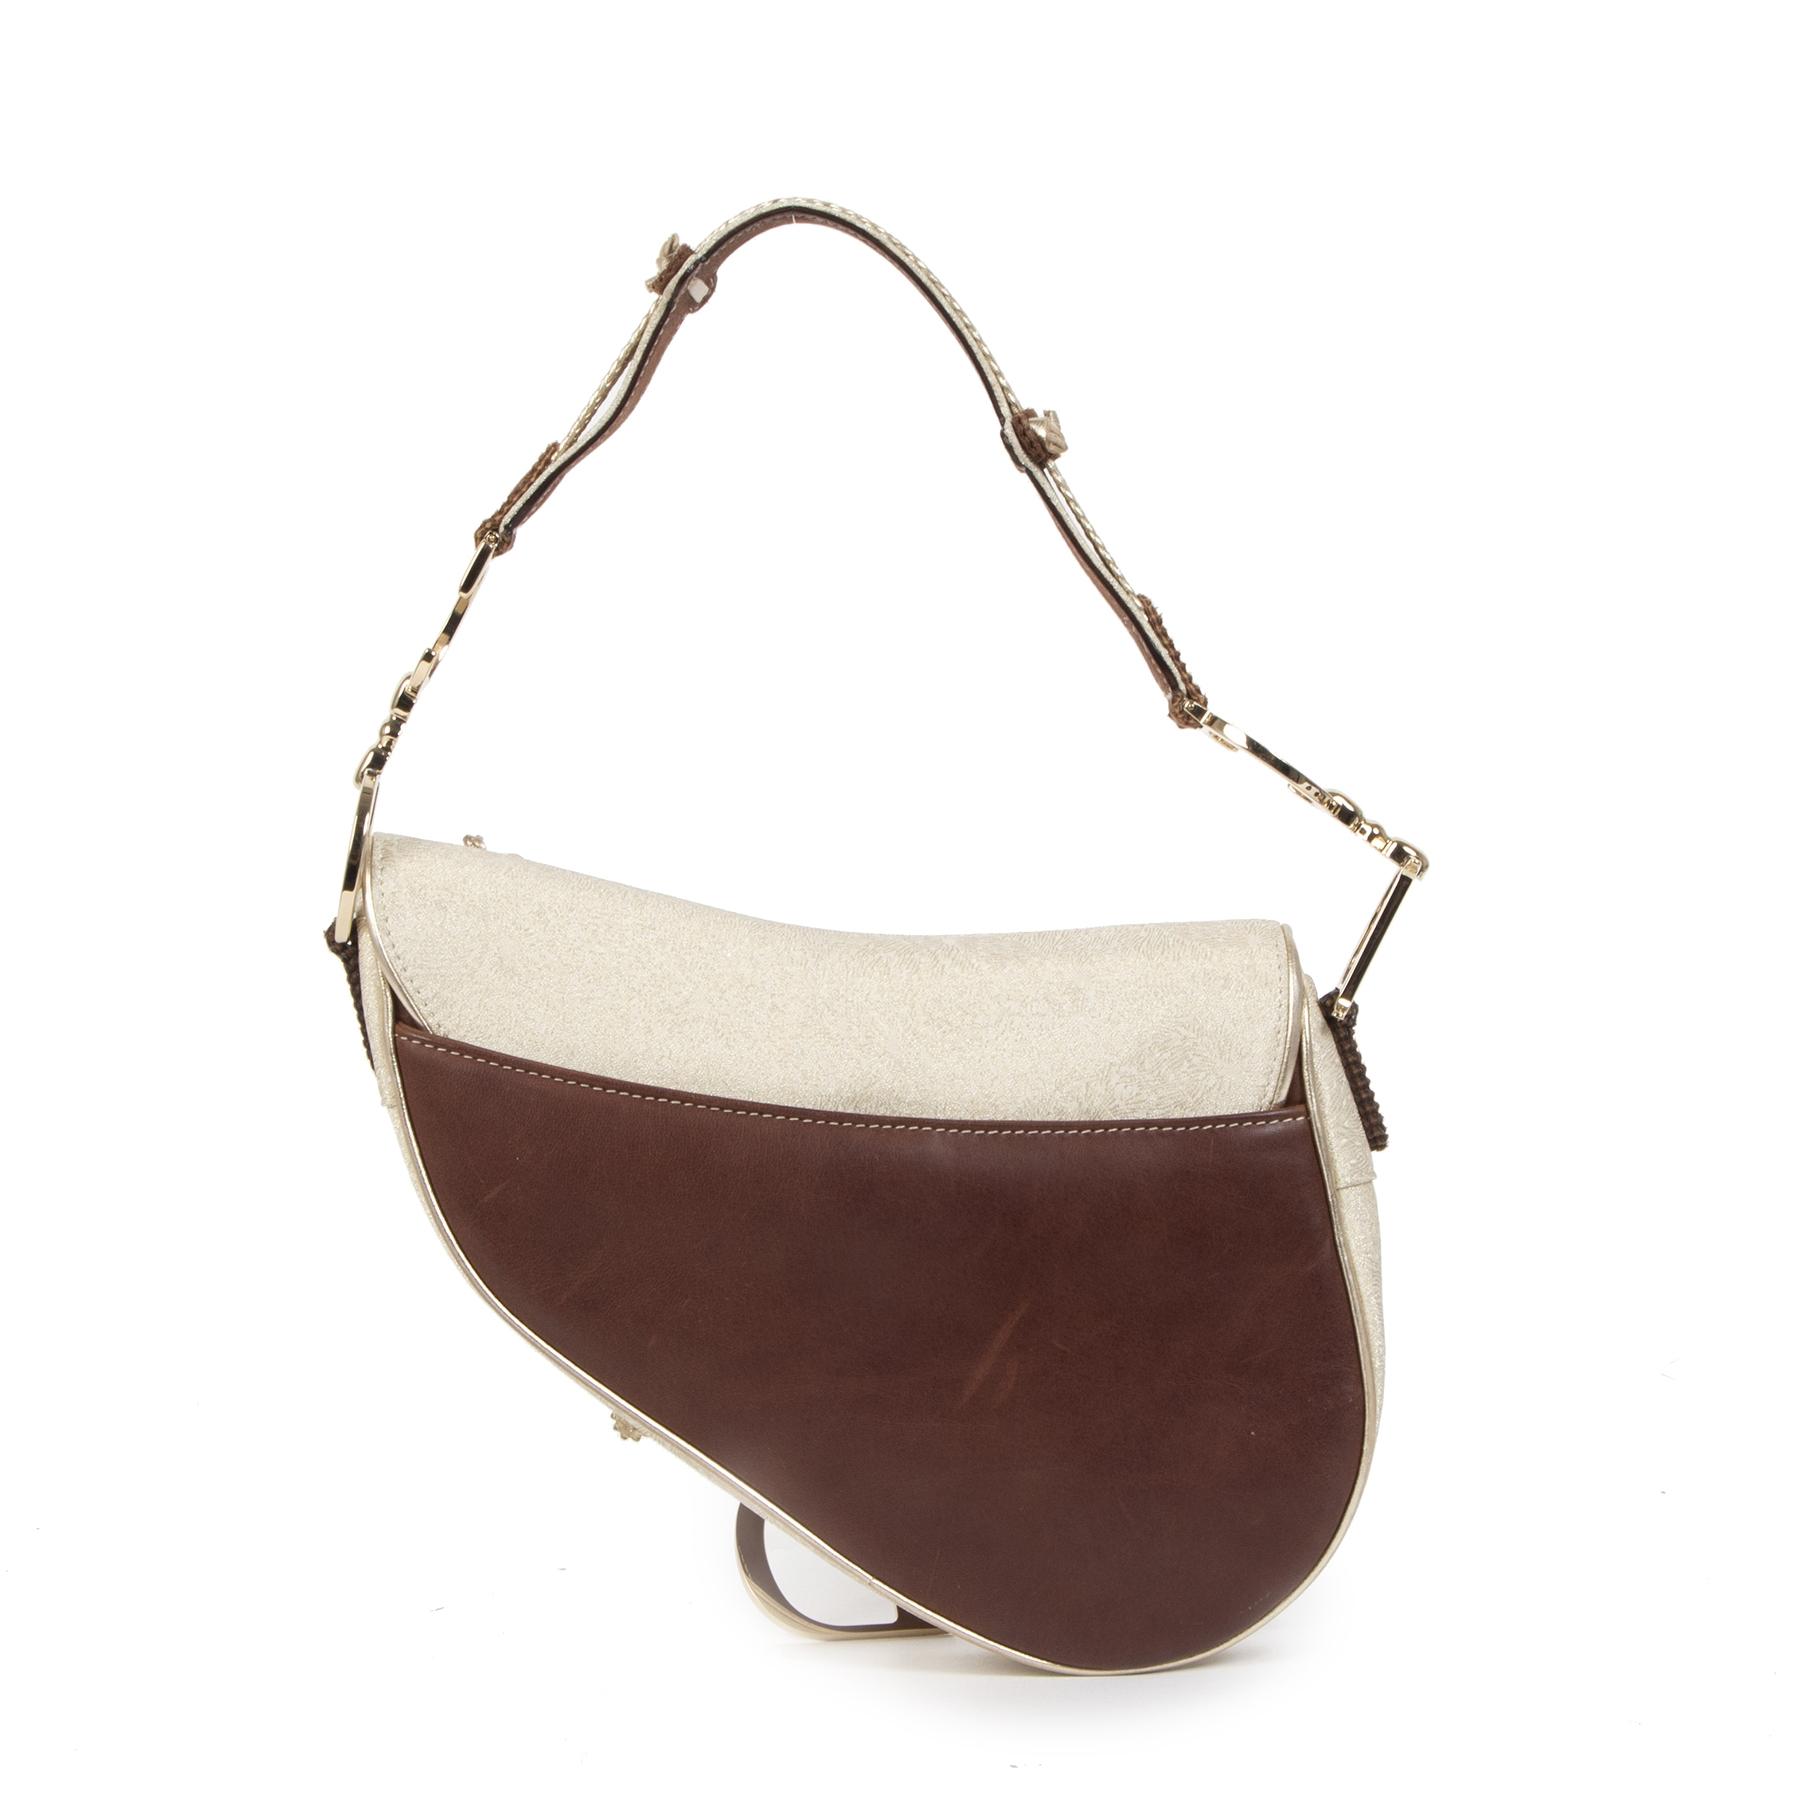 Authentieke Tweedehands Dior Brown Leather & Gold Textile Saddle Bag limited edition juiste prijs veilig online shoppen luxe merken webshop winkelen Antwerpen België mode fashion